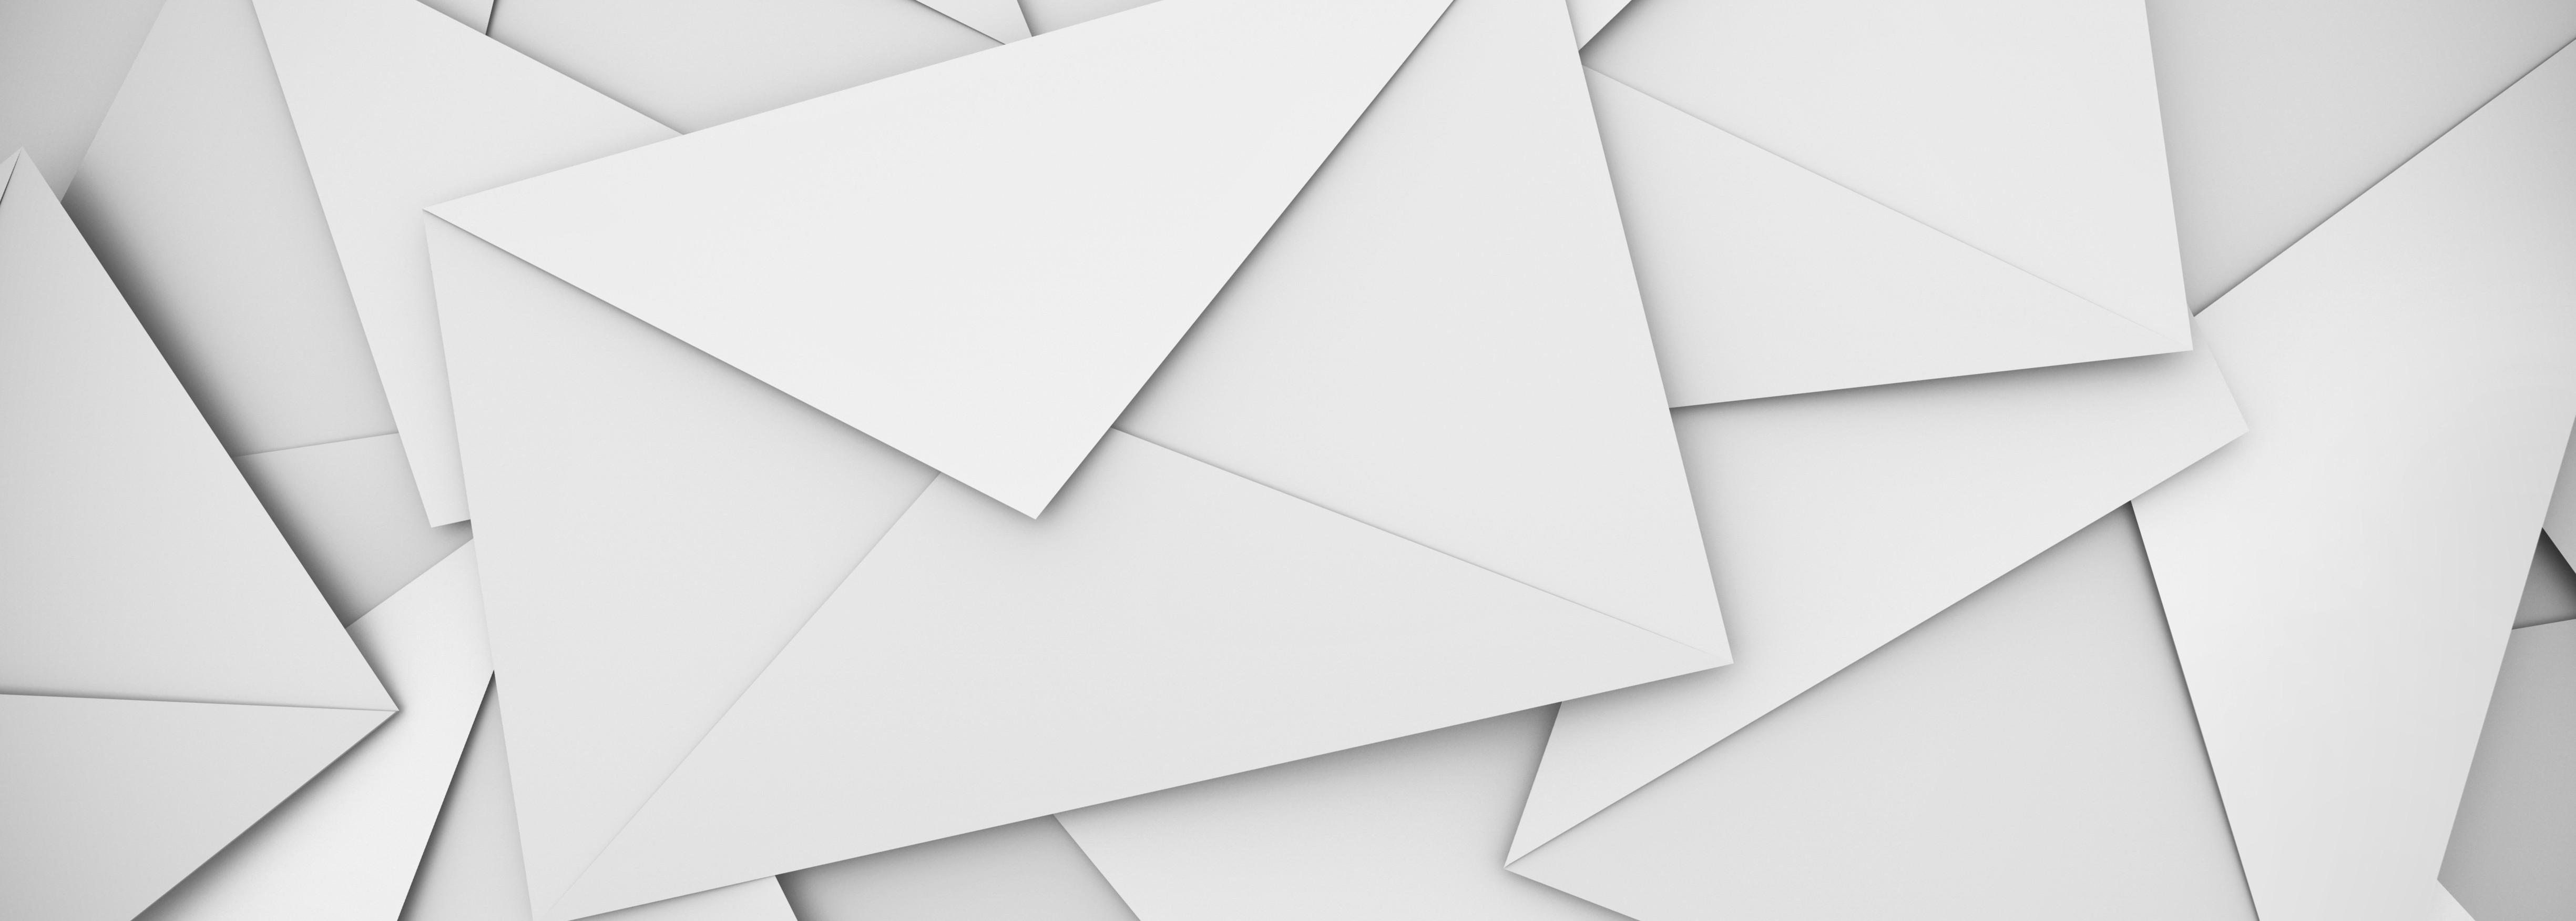 White envelopes background